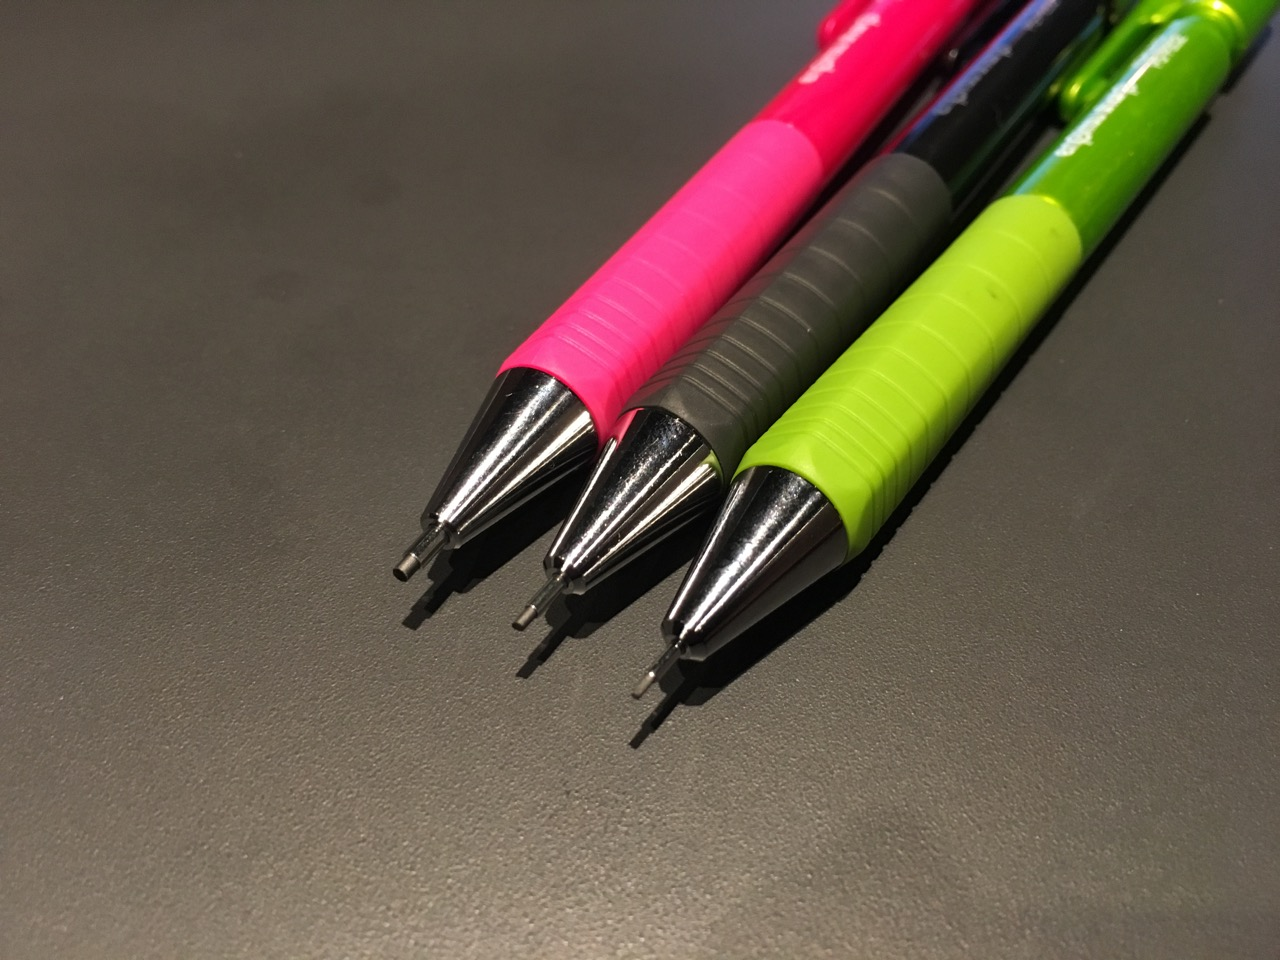 鉛筆シャープタイプSのグリップ